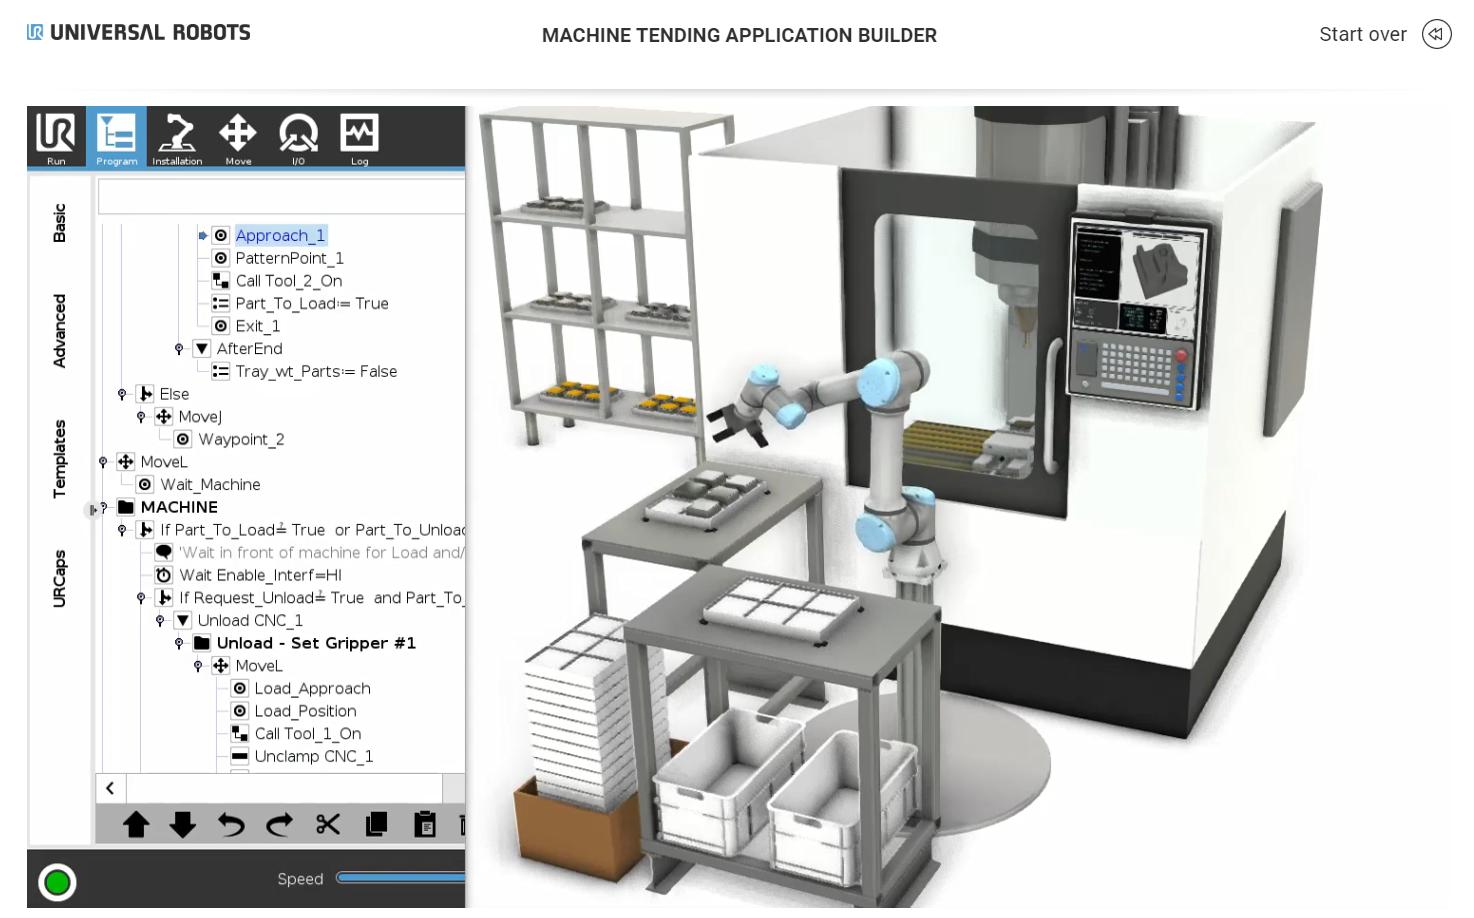 Universal Robots presenta Application Builder, il tool per costruire con semplicità un'applicazione robotizzata.